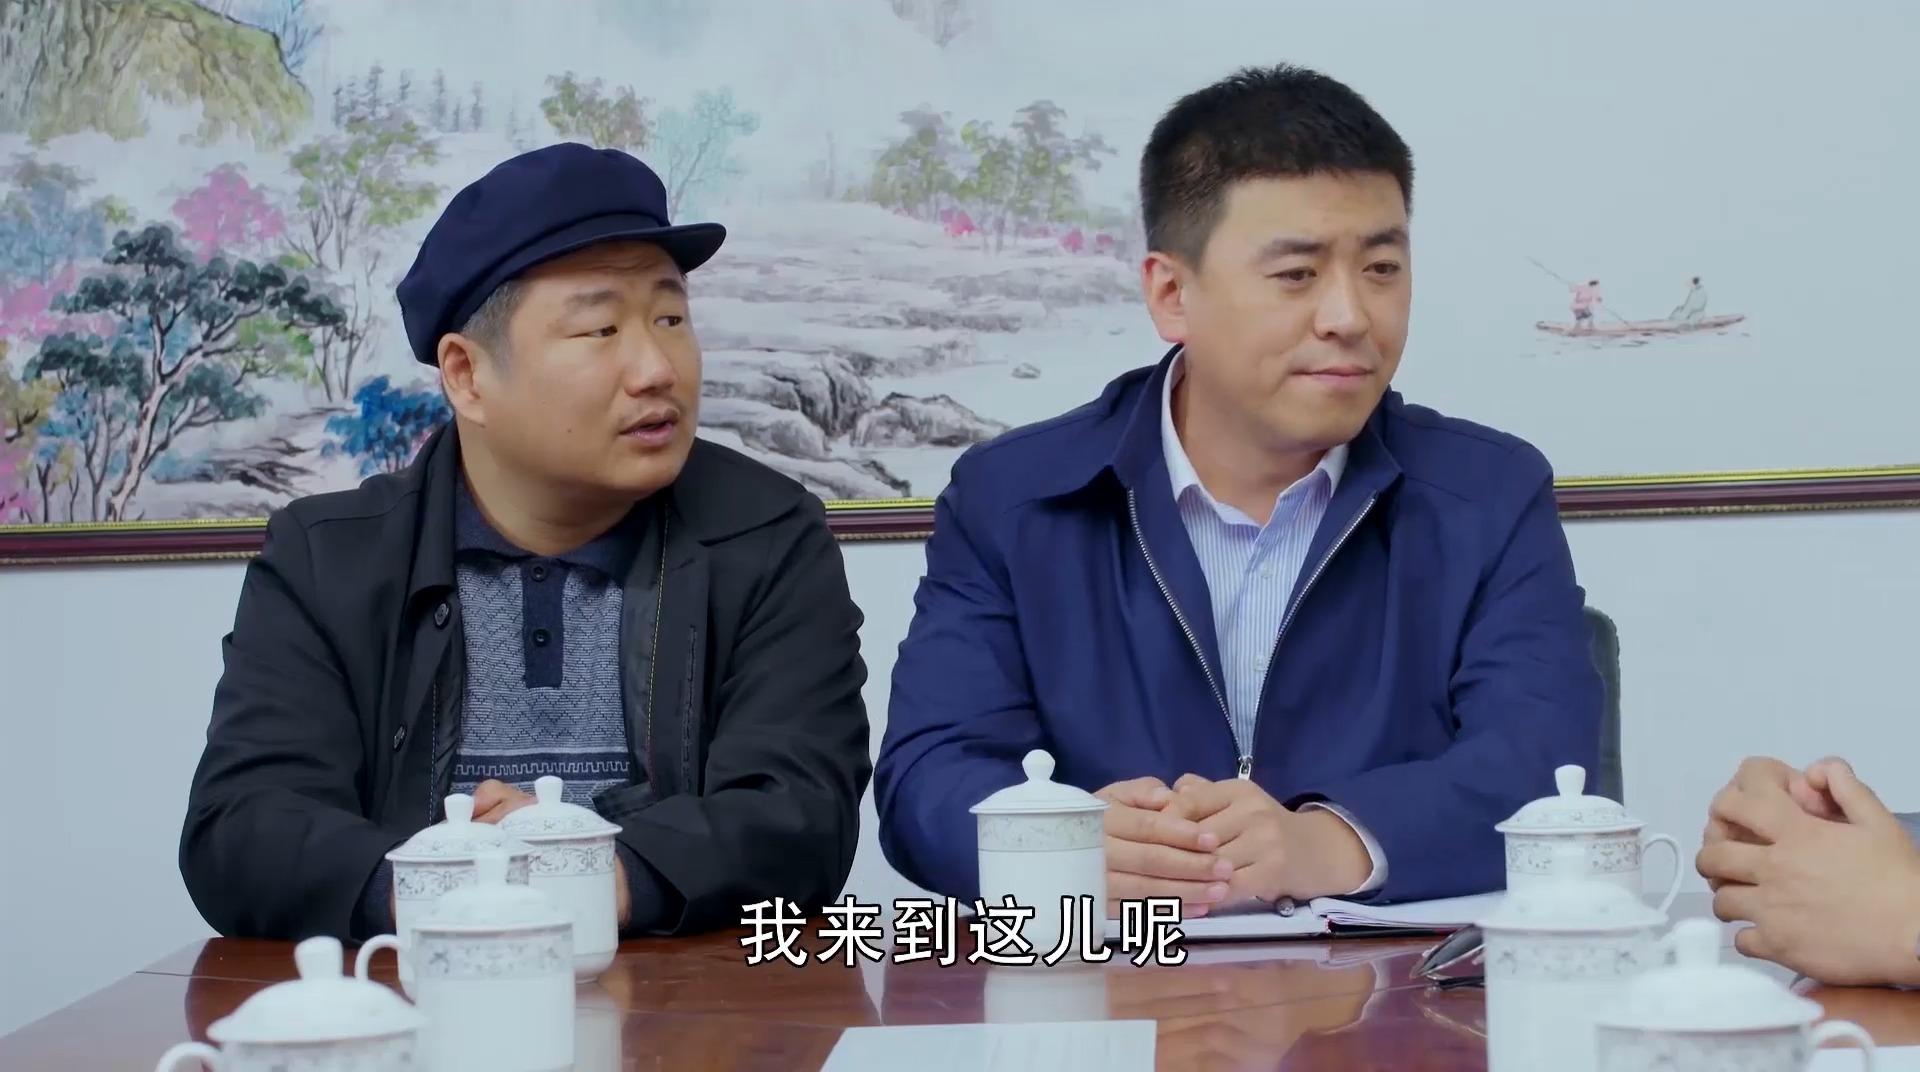 乡村爱情9:金山有些自责,宋晓峰邀请郭书记去山庄参观!